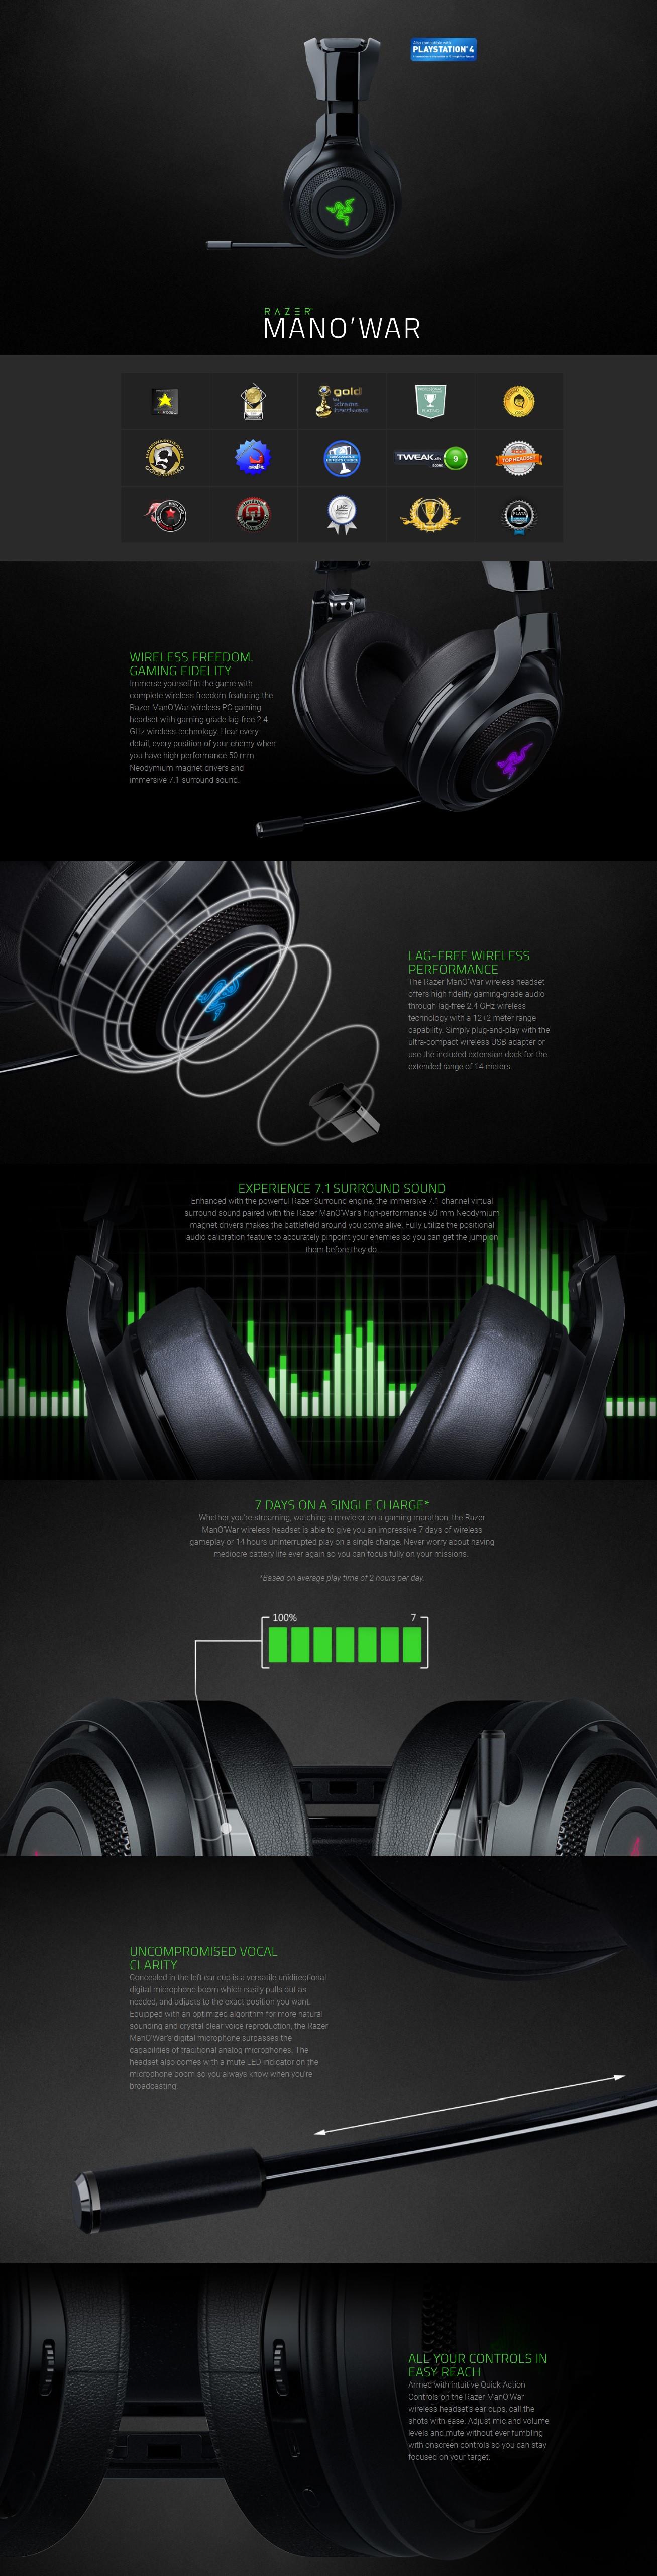 Razer ManO'War Wireless Gaming Headset (RZ04-01490100-R3U1)